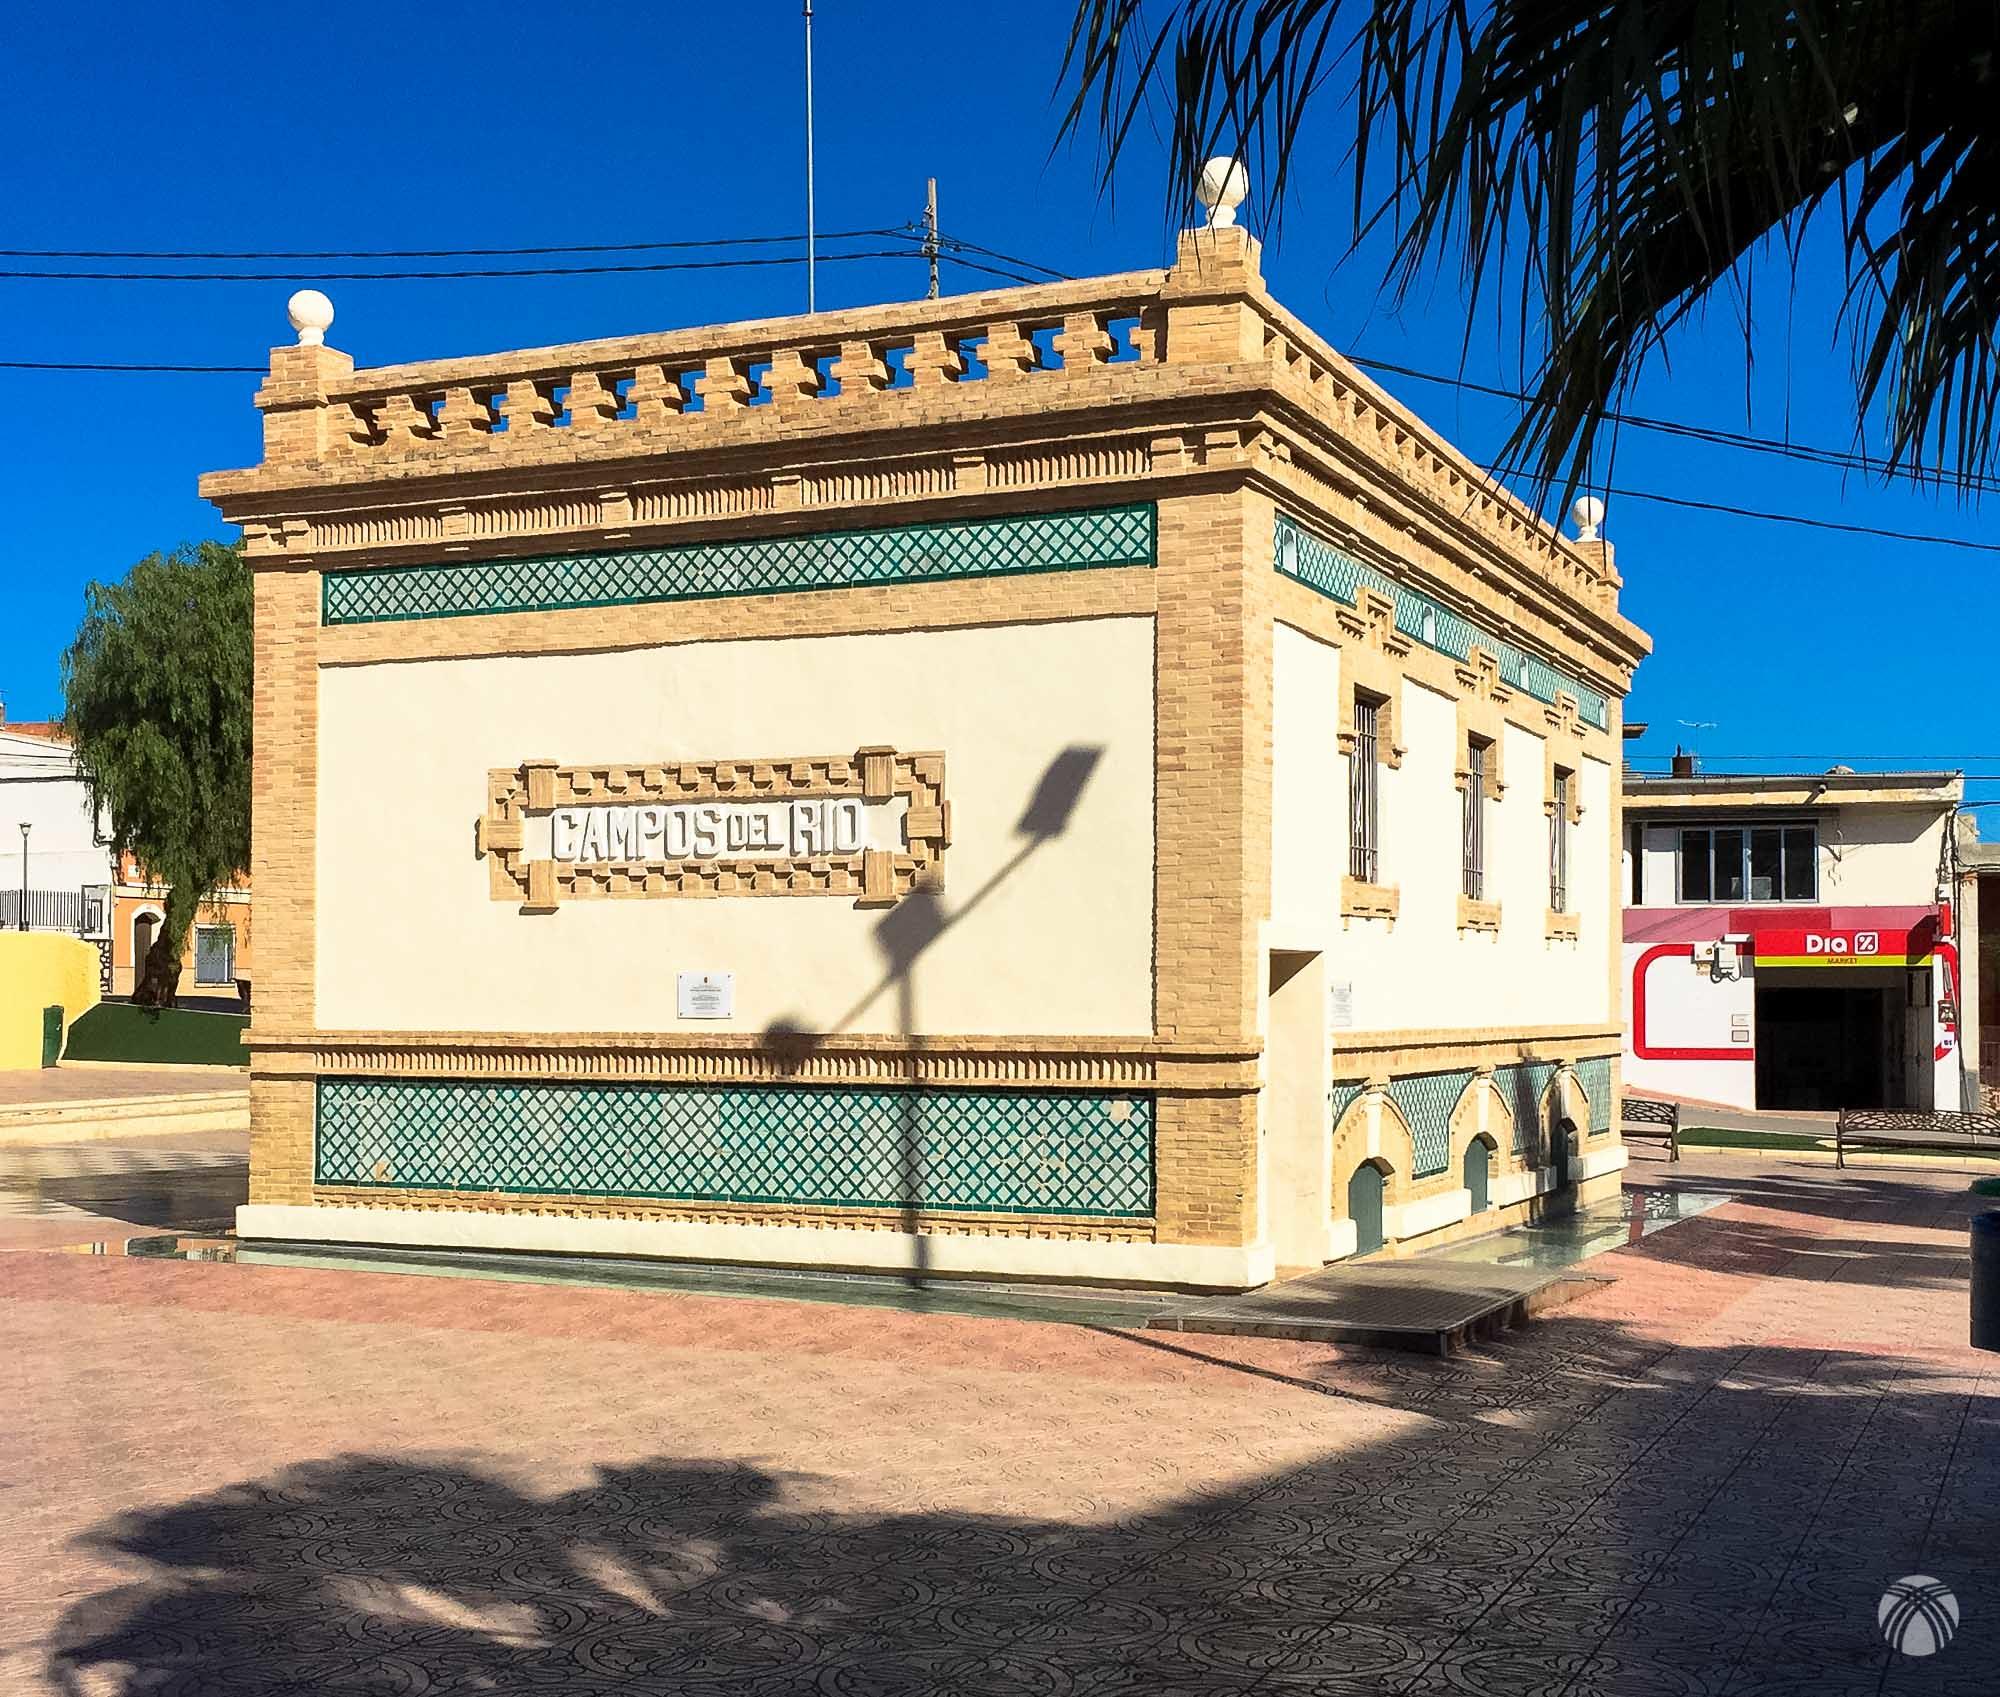 Estación de Campos del Río